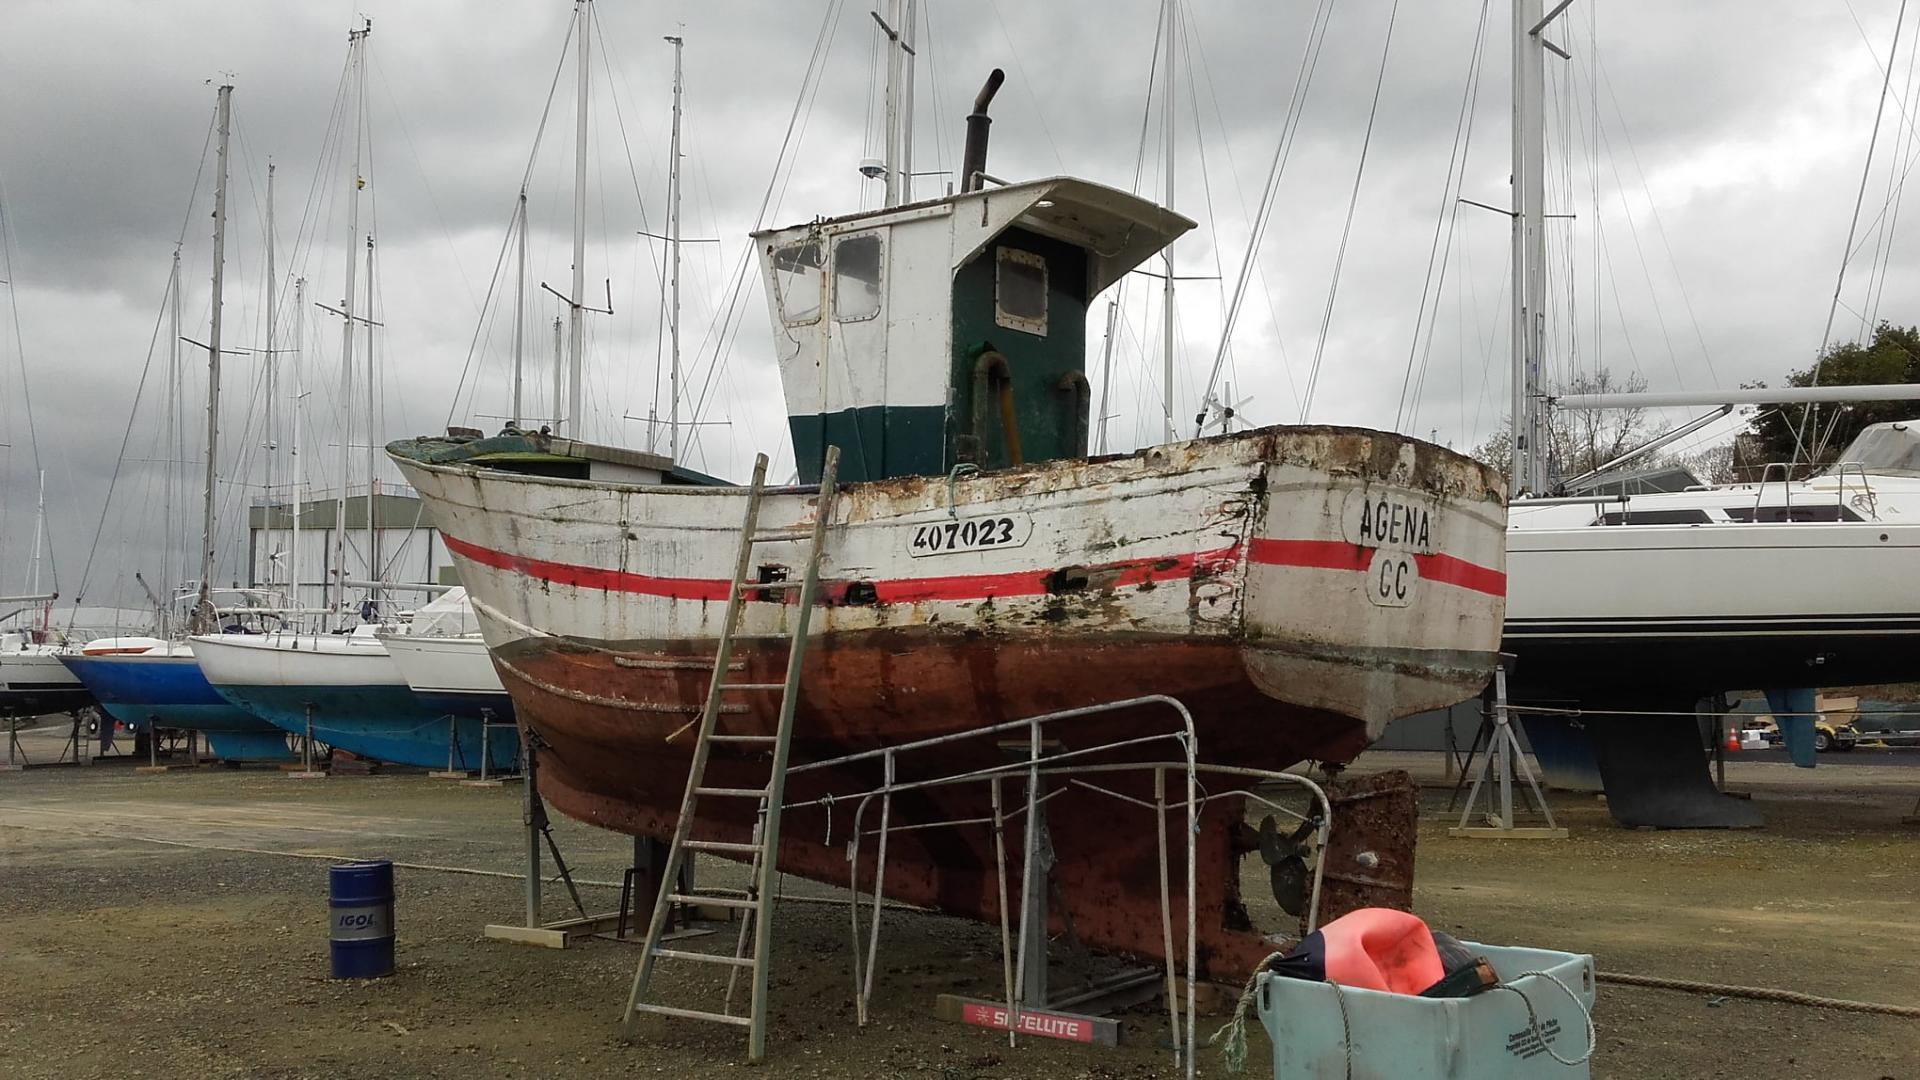 Agena au port a sec b fabrice roperch